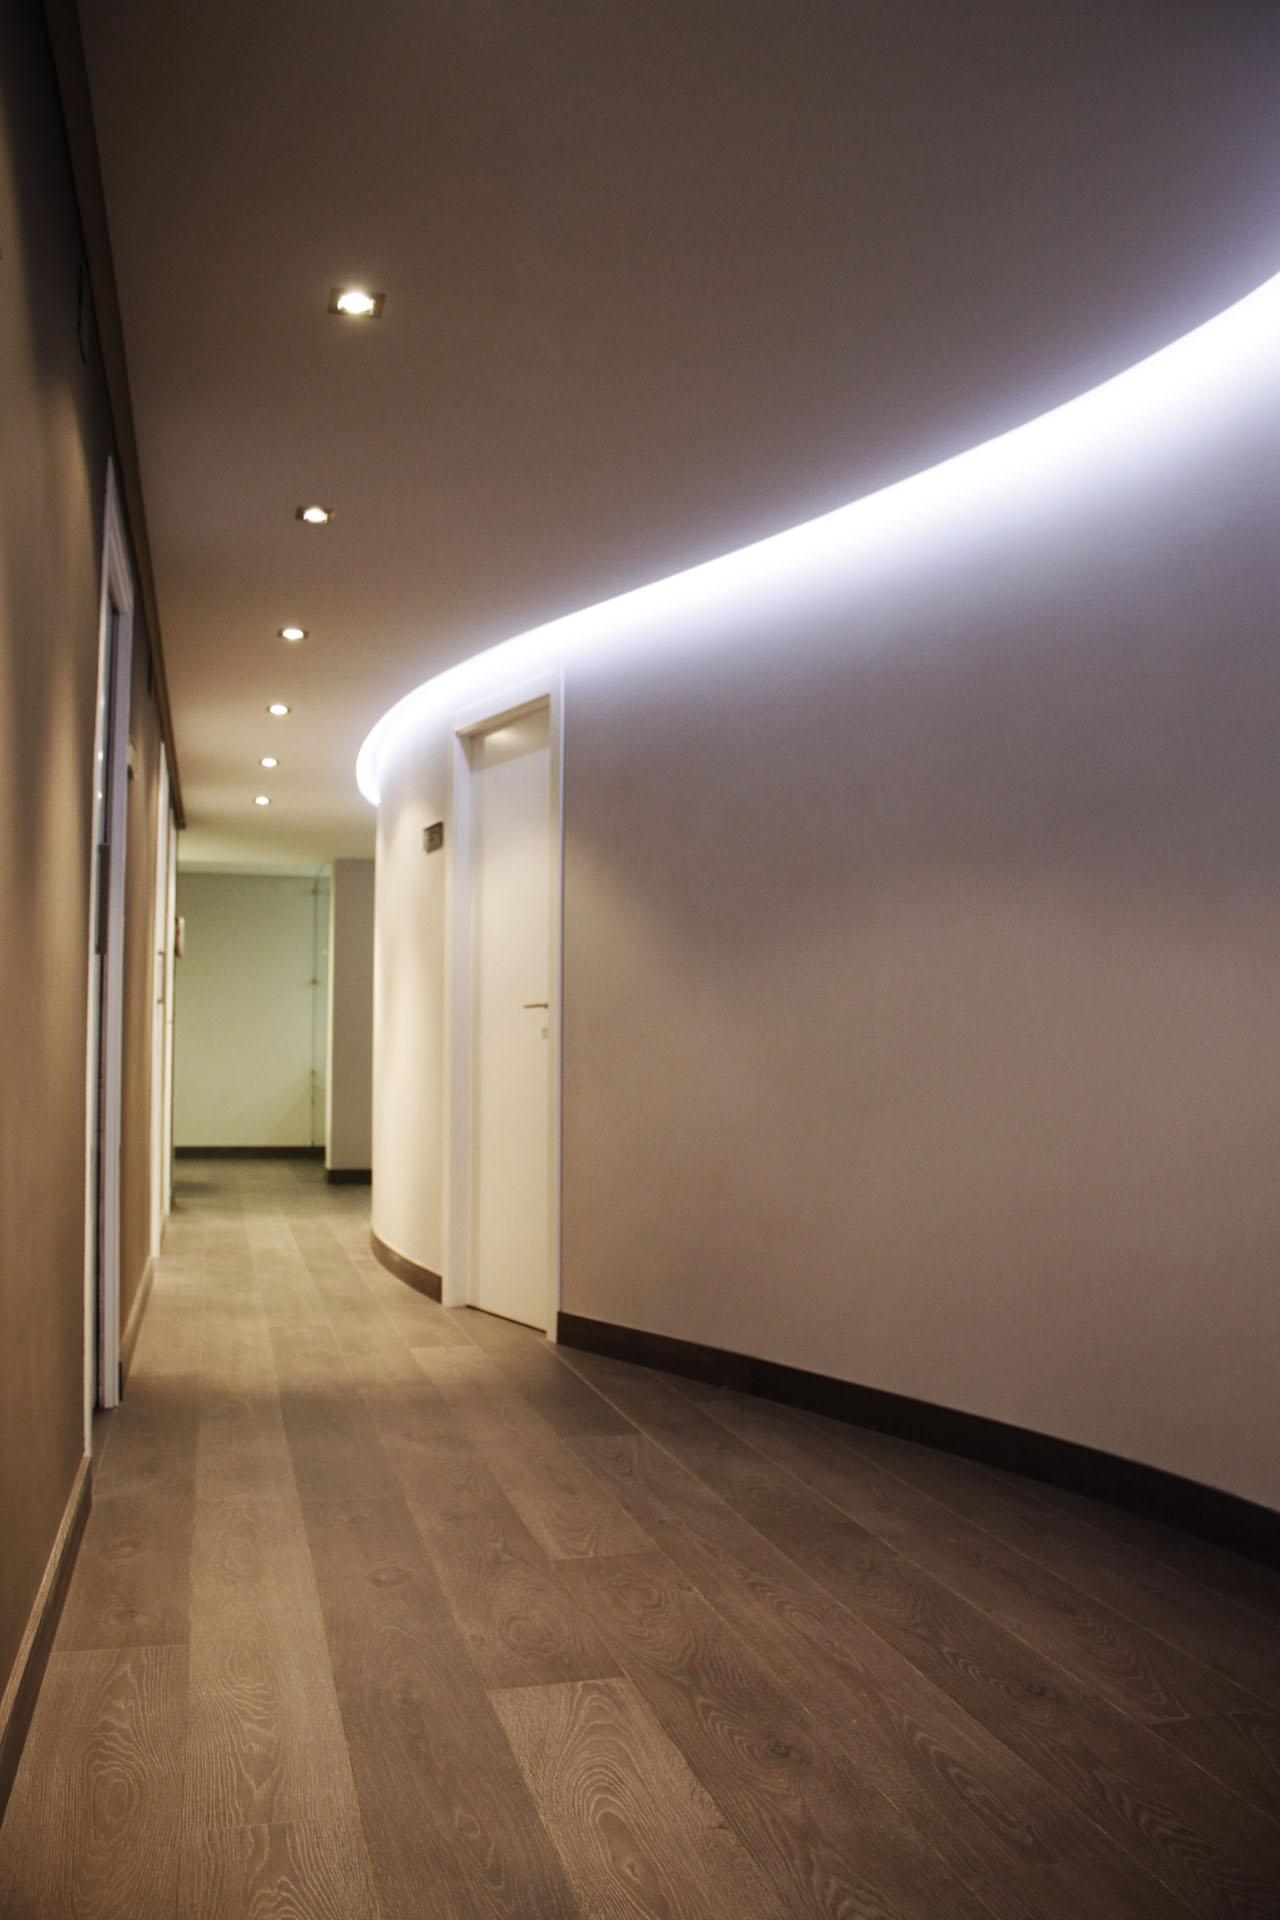 Reforma cl nica dental en x tiva valencia belda arquitecto - Luz led casa ...